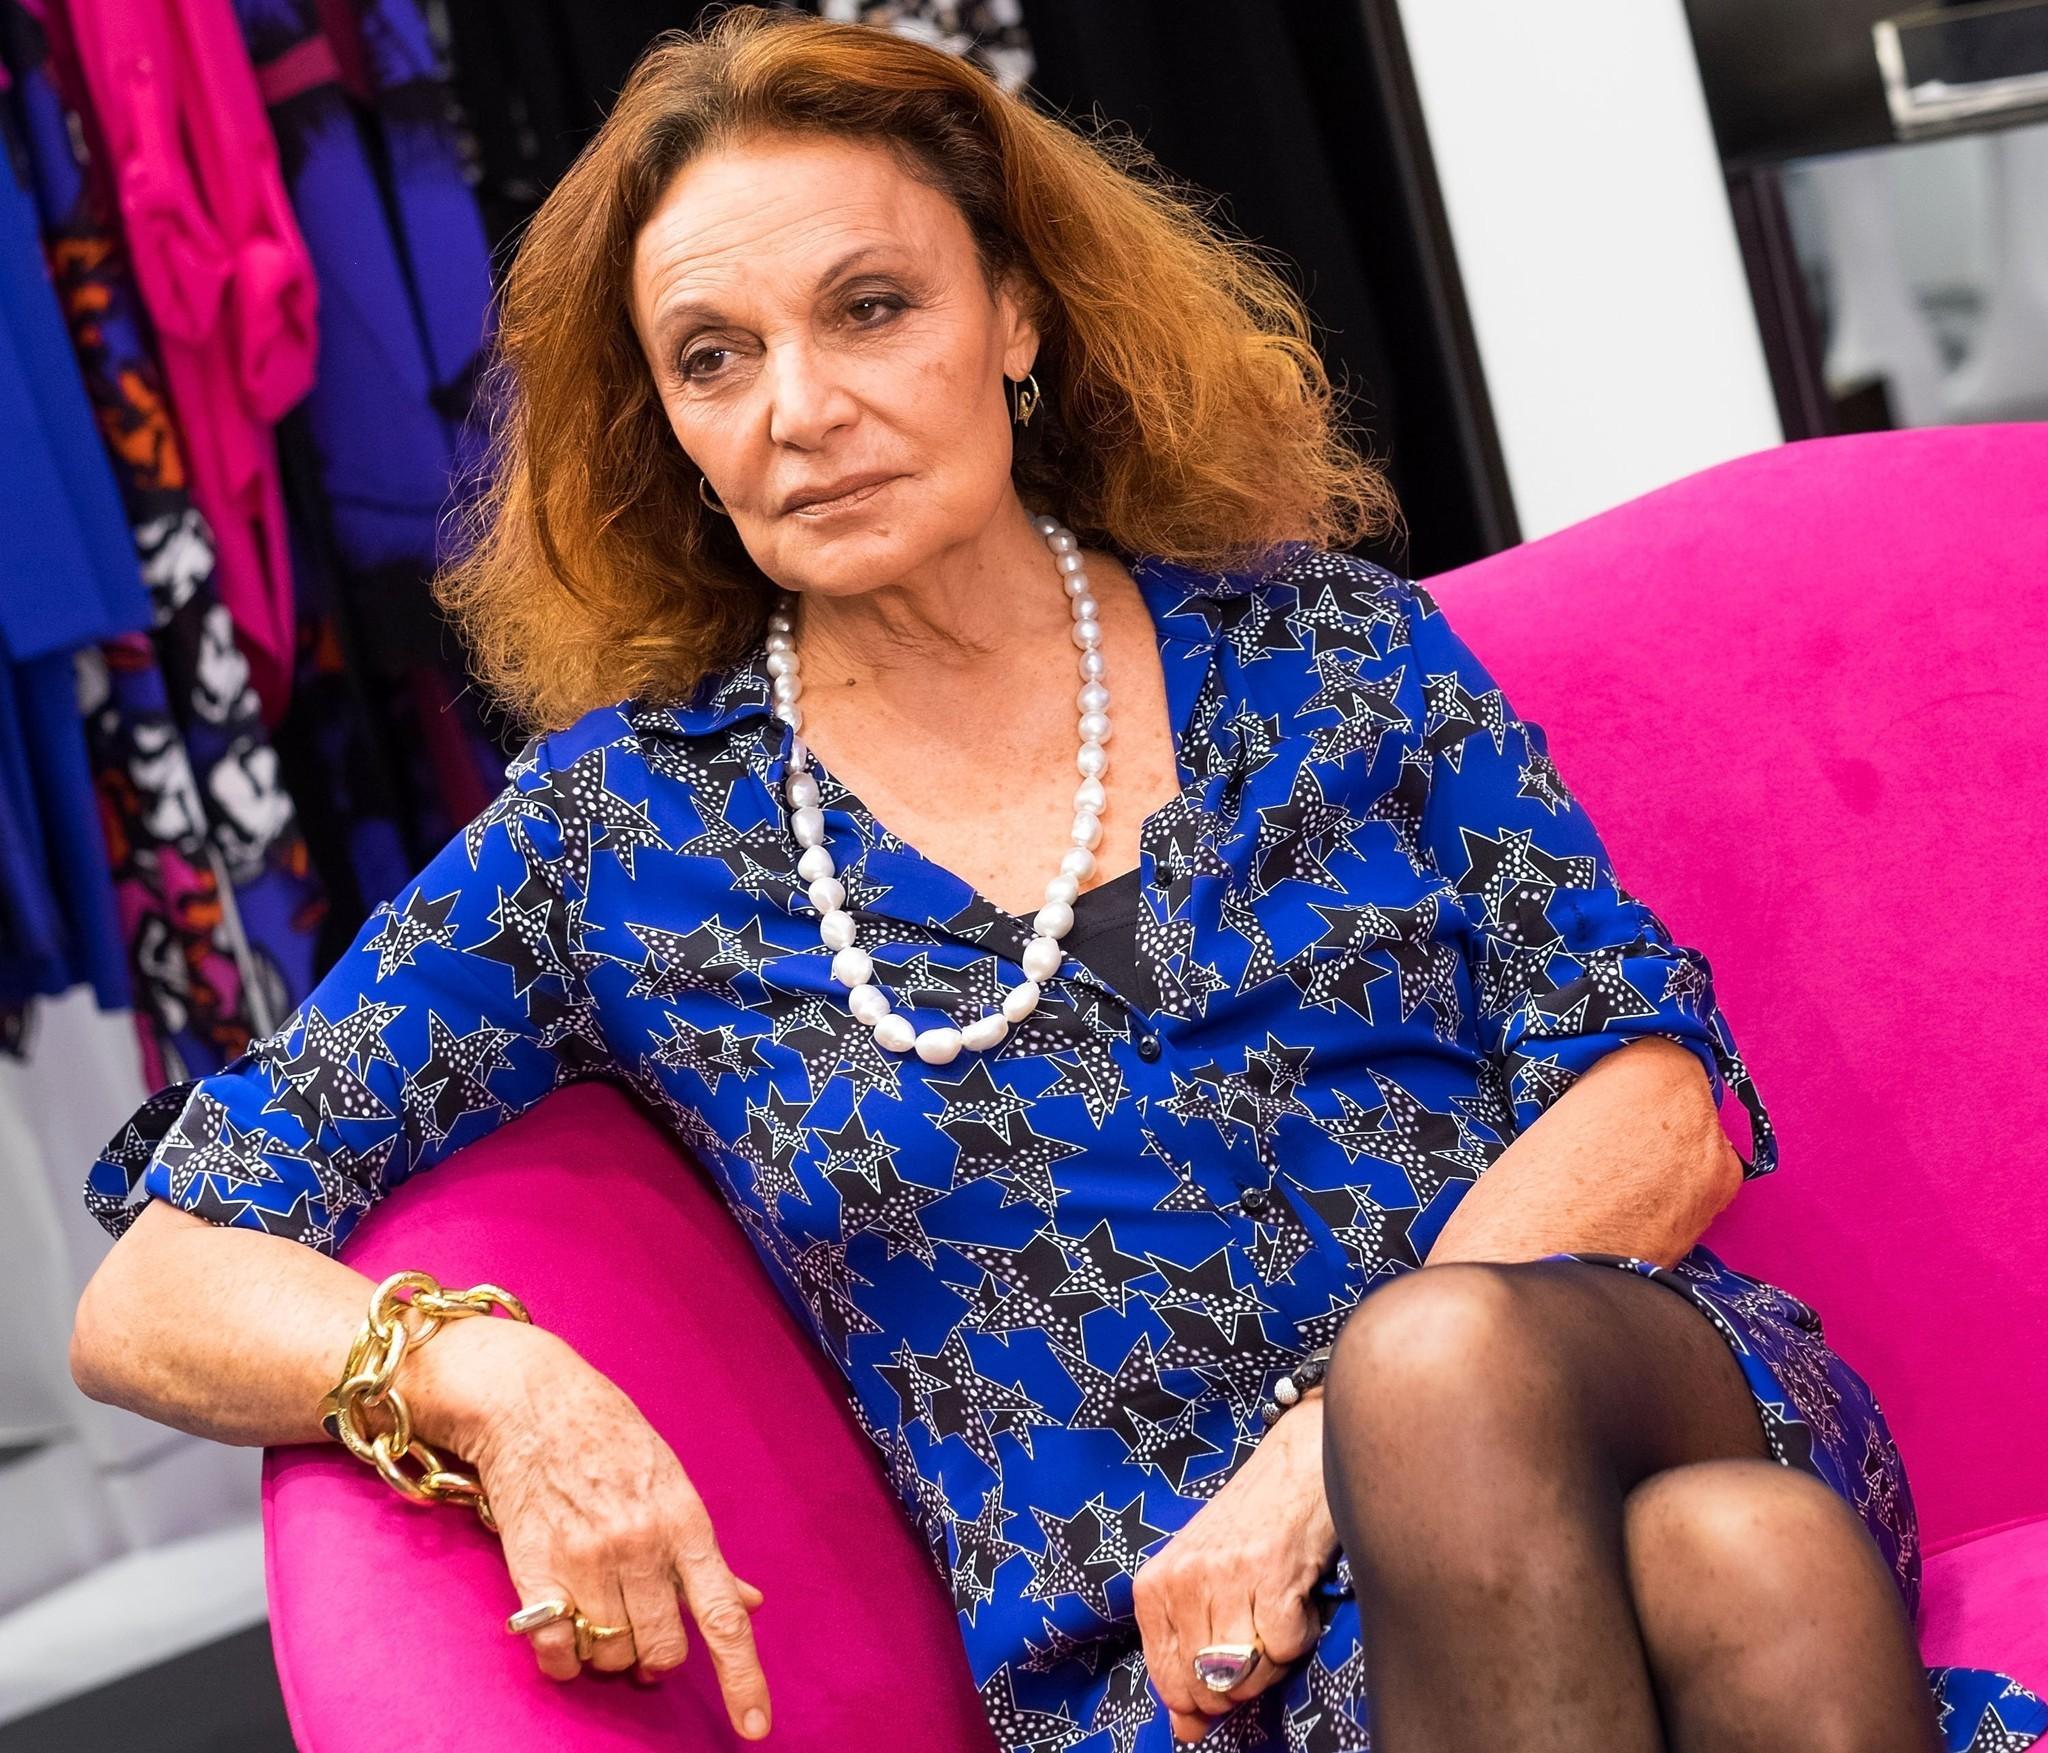 Diane von Furstenberg Signs Copies of Her New Book,